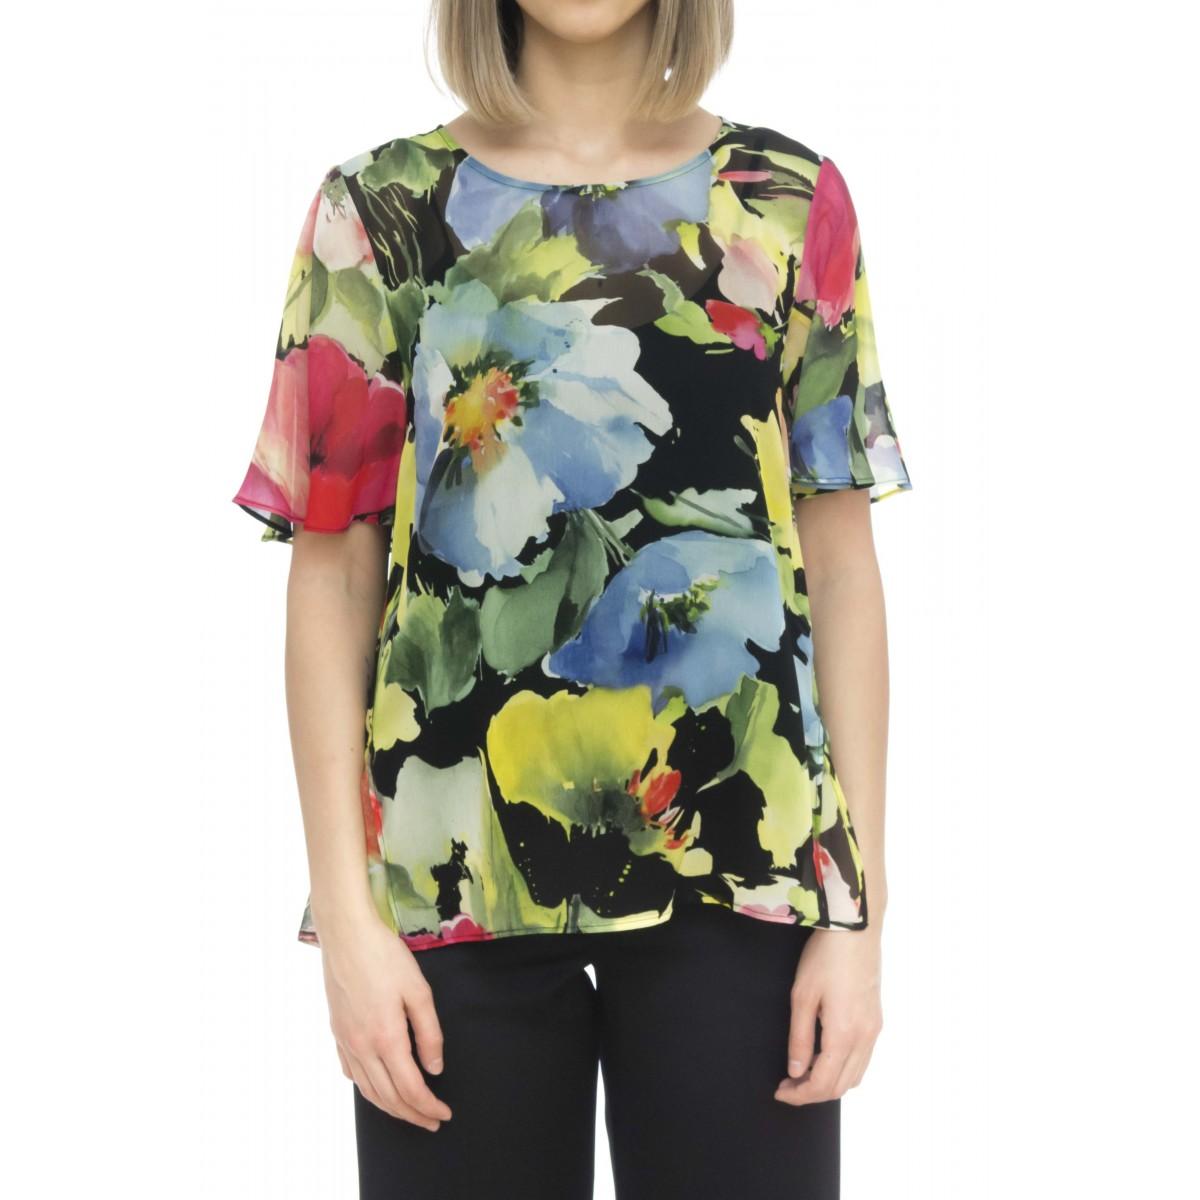 Camicia donna - 2485 camicia stampa fiori viscosa